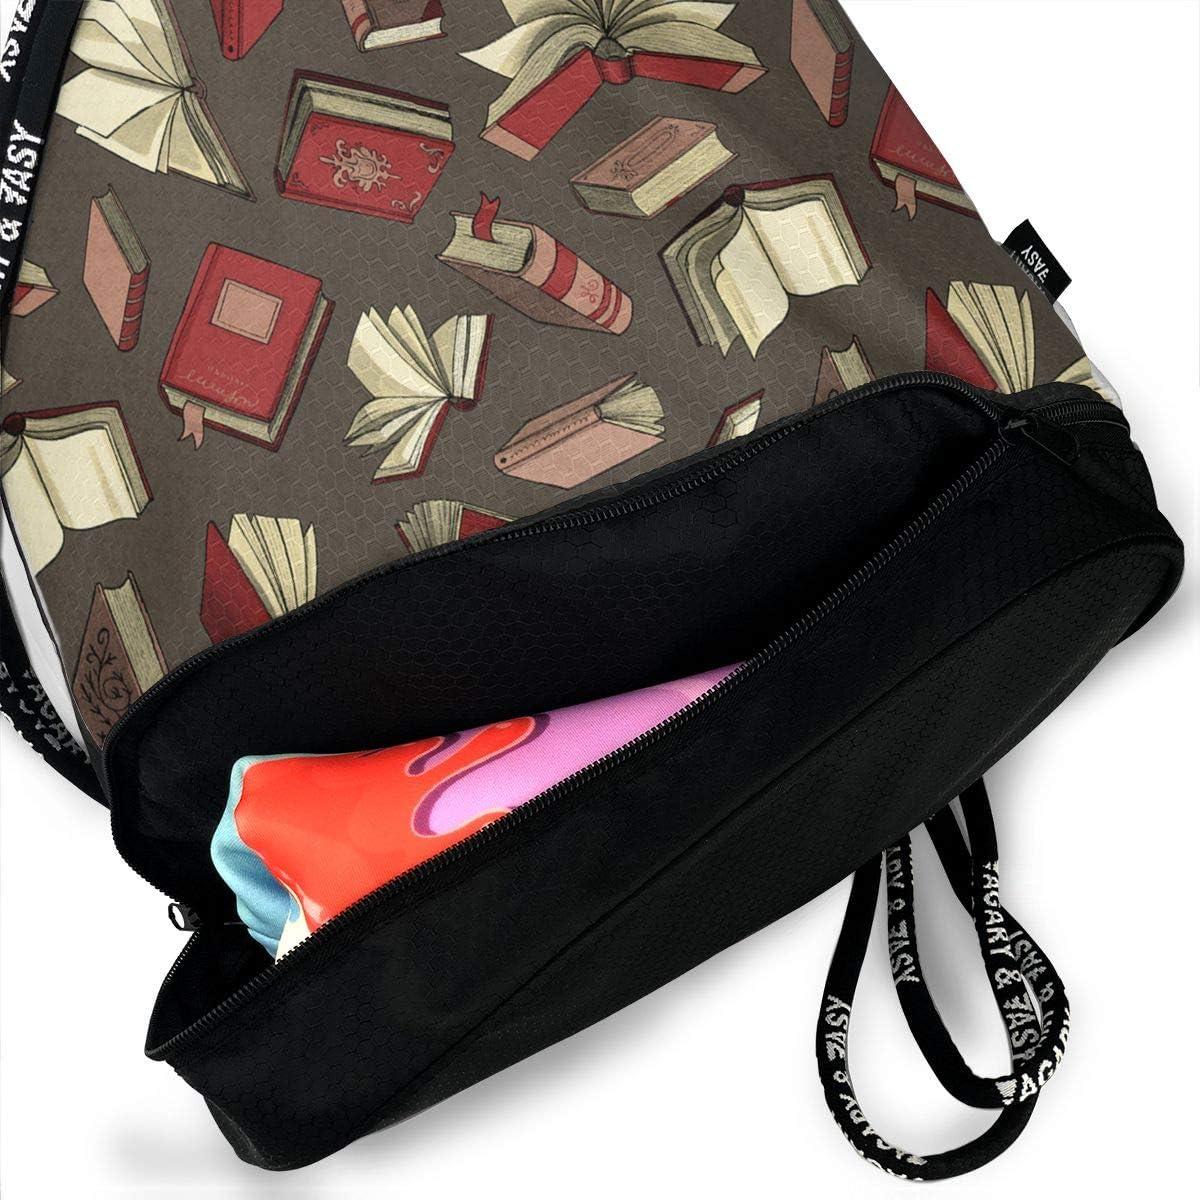 HUOPR5Q Books Drawstring Backpack Sport Gym Sack Shoulder Bulk Bag Dance Bag for School Travel